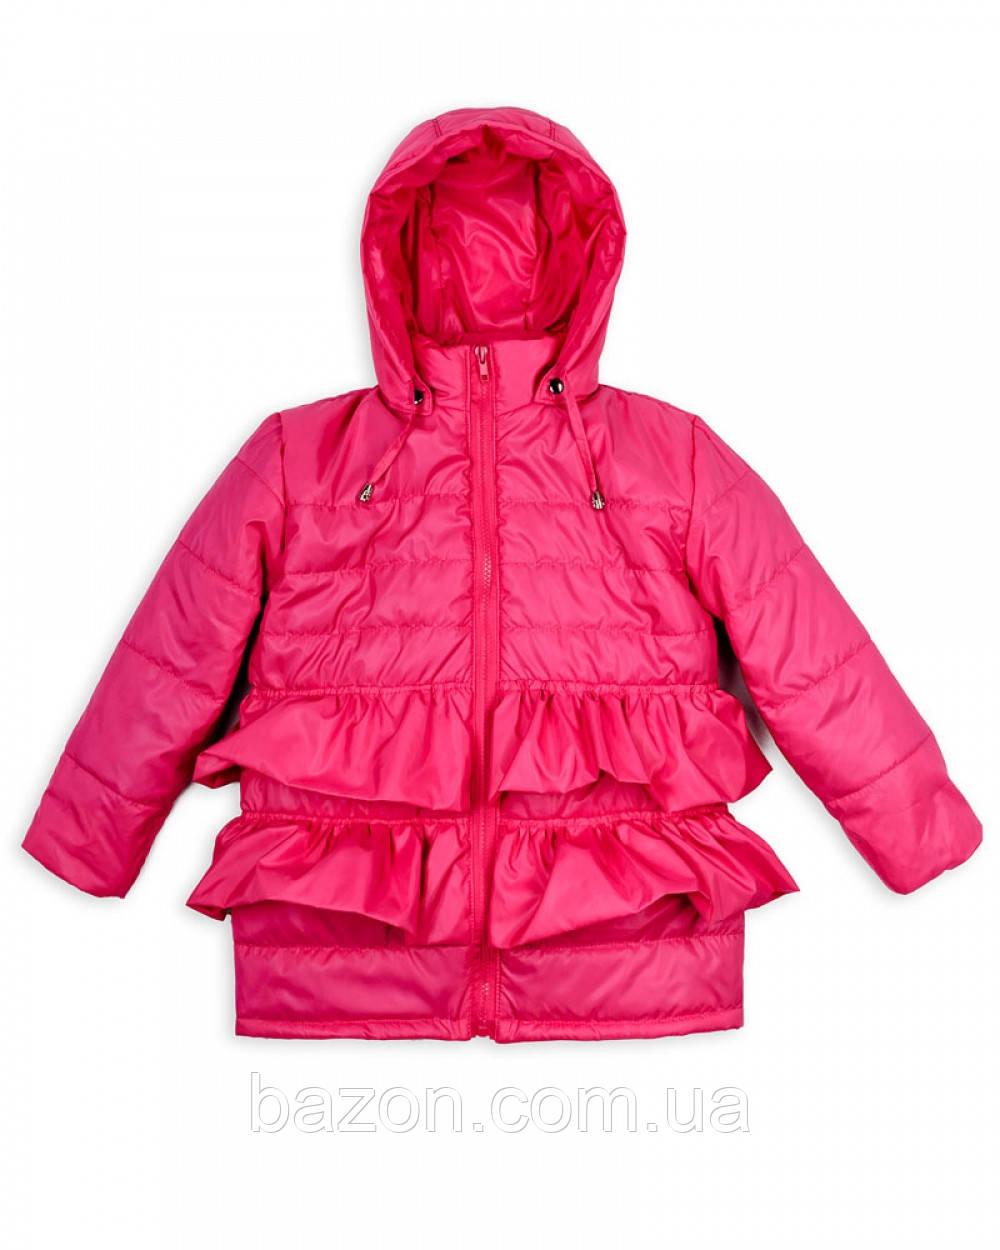 """Детская куртка """"Рюша"""" на девочку 1-5 лет весна-осень (малина)"""